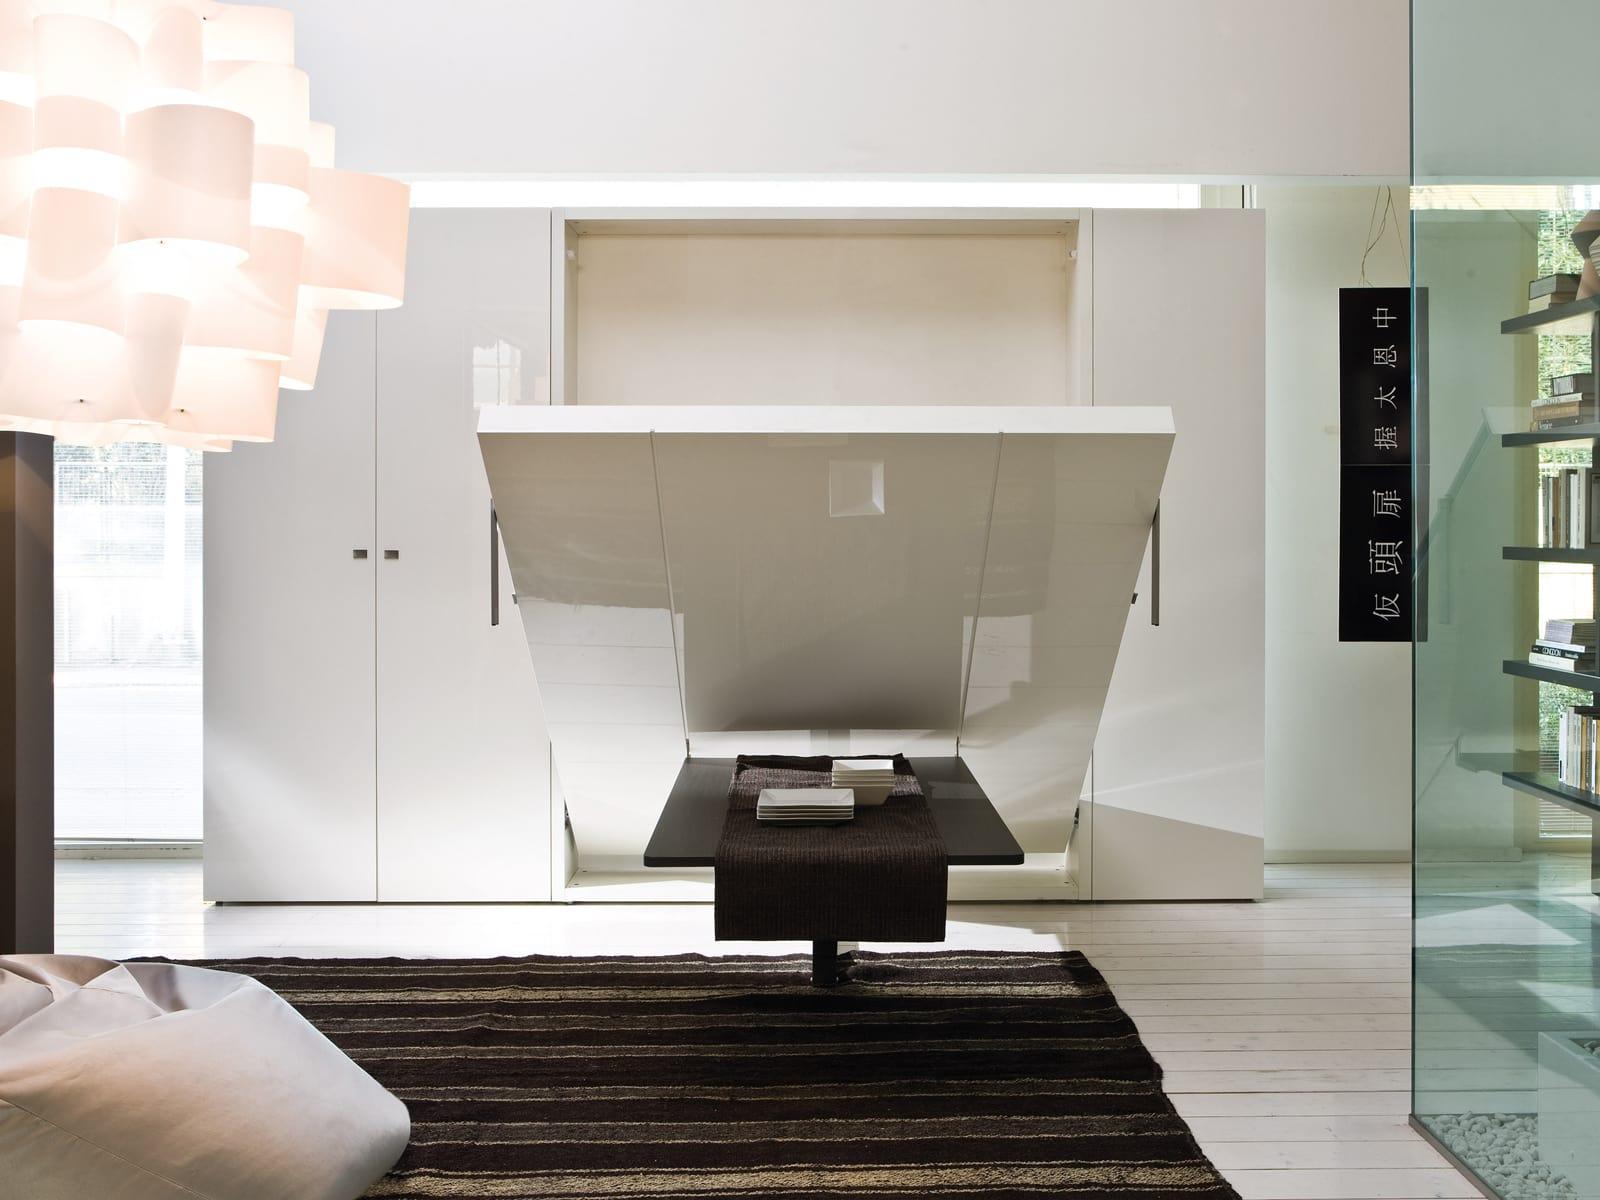 cama abatible de matrimonio para ahorrar espacio. Black Bedroom Furniture Sets. Home Design Ideas